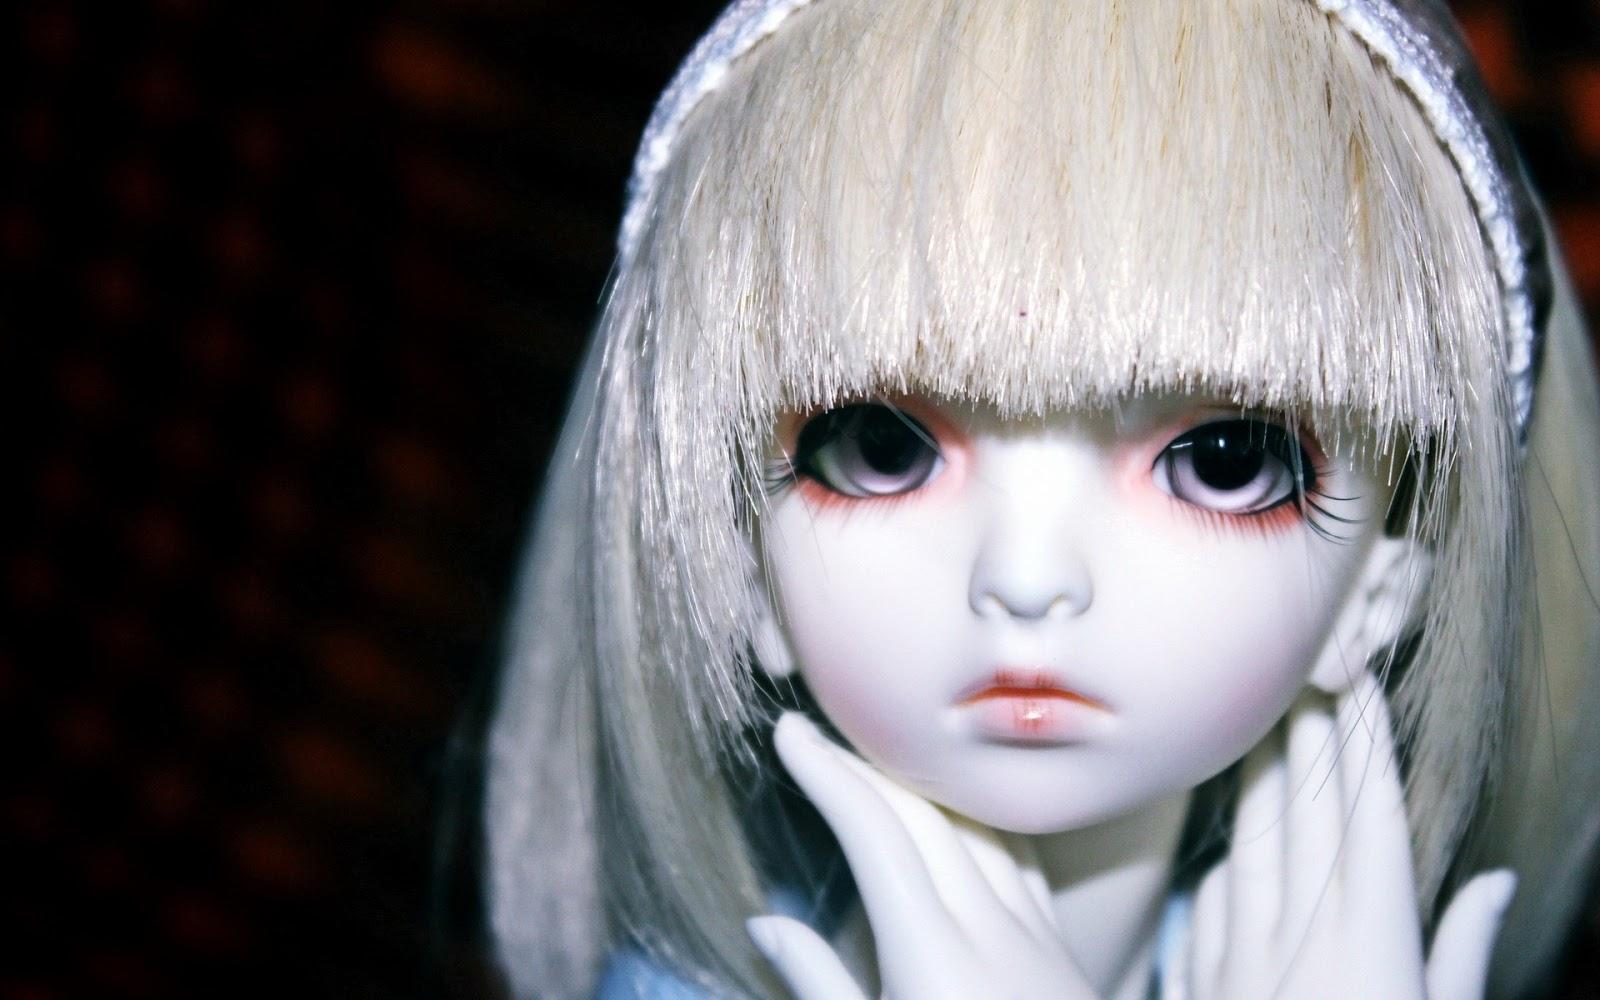 http://1.bp.blogspot.com/-hVx08pYxlFg/UQKN4rEi6-I/AAAAAAAAGLw/kk4wbbmNDdM/s1600/cute-doll-wallpaper-1920x1200.jpg